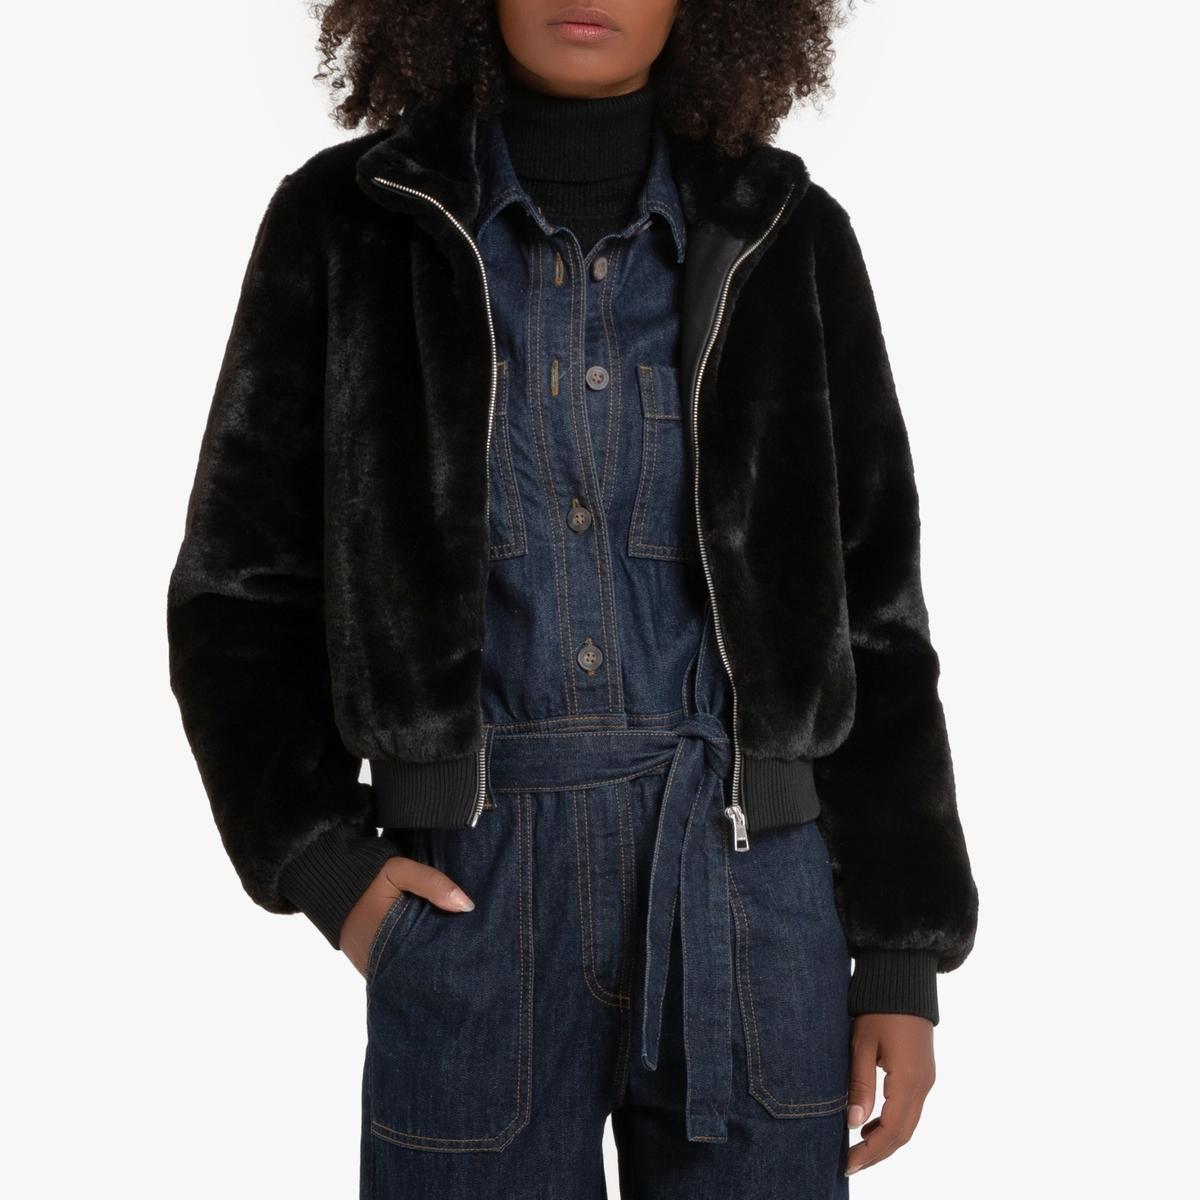 Куртка La Redoute Короткая с воротником-стойкой из искусственного меха M черный куртка la redoute стеганая короткая nebraska с воротником стойкой на молнии s синий